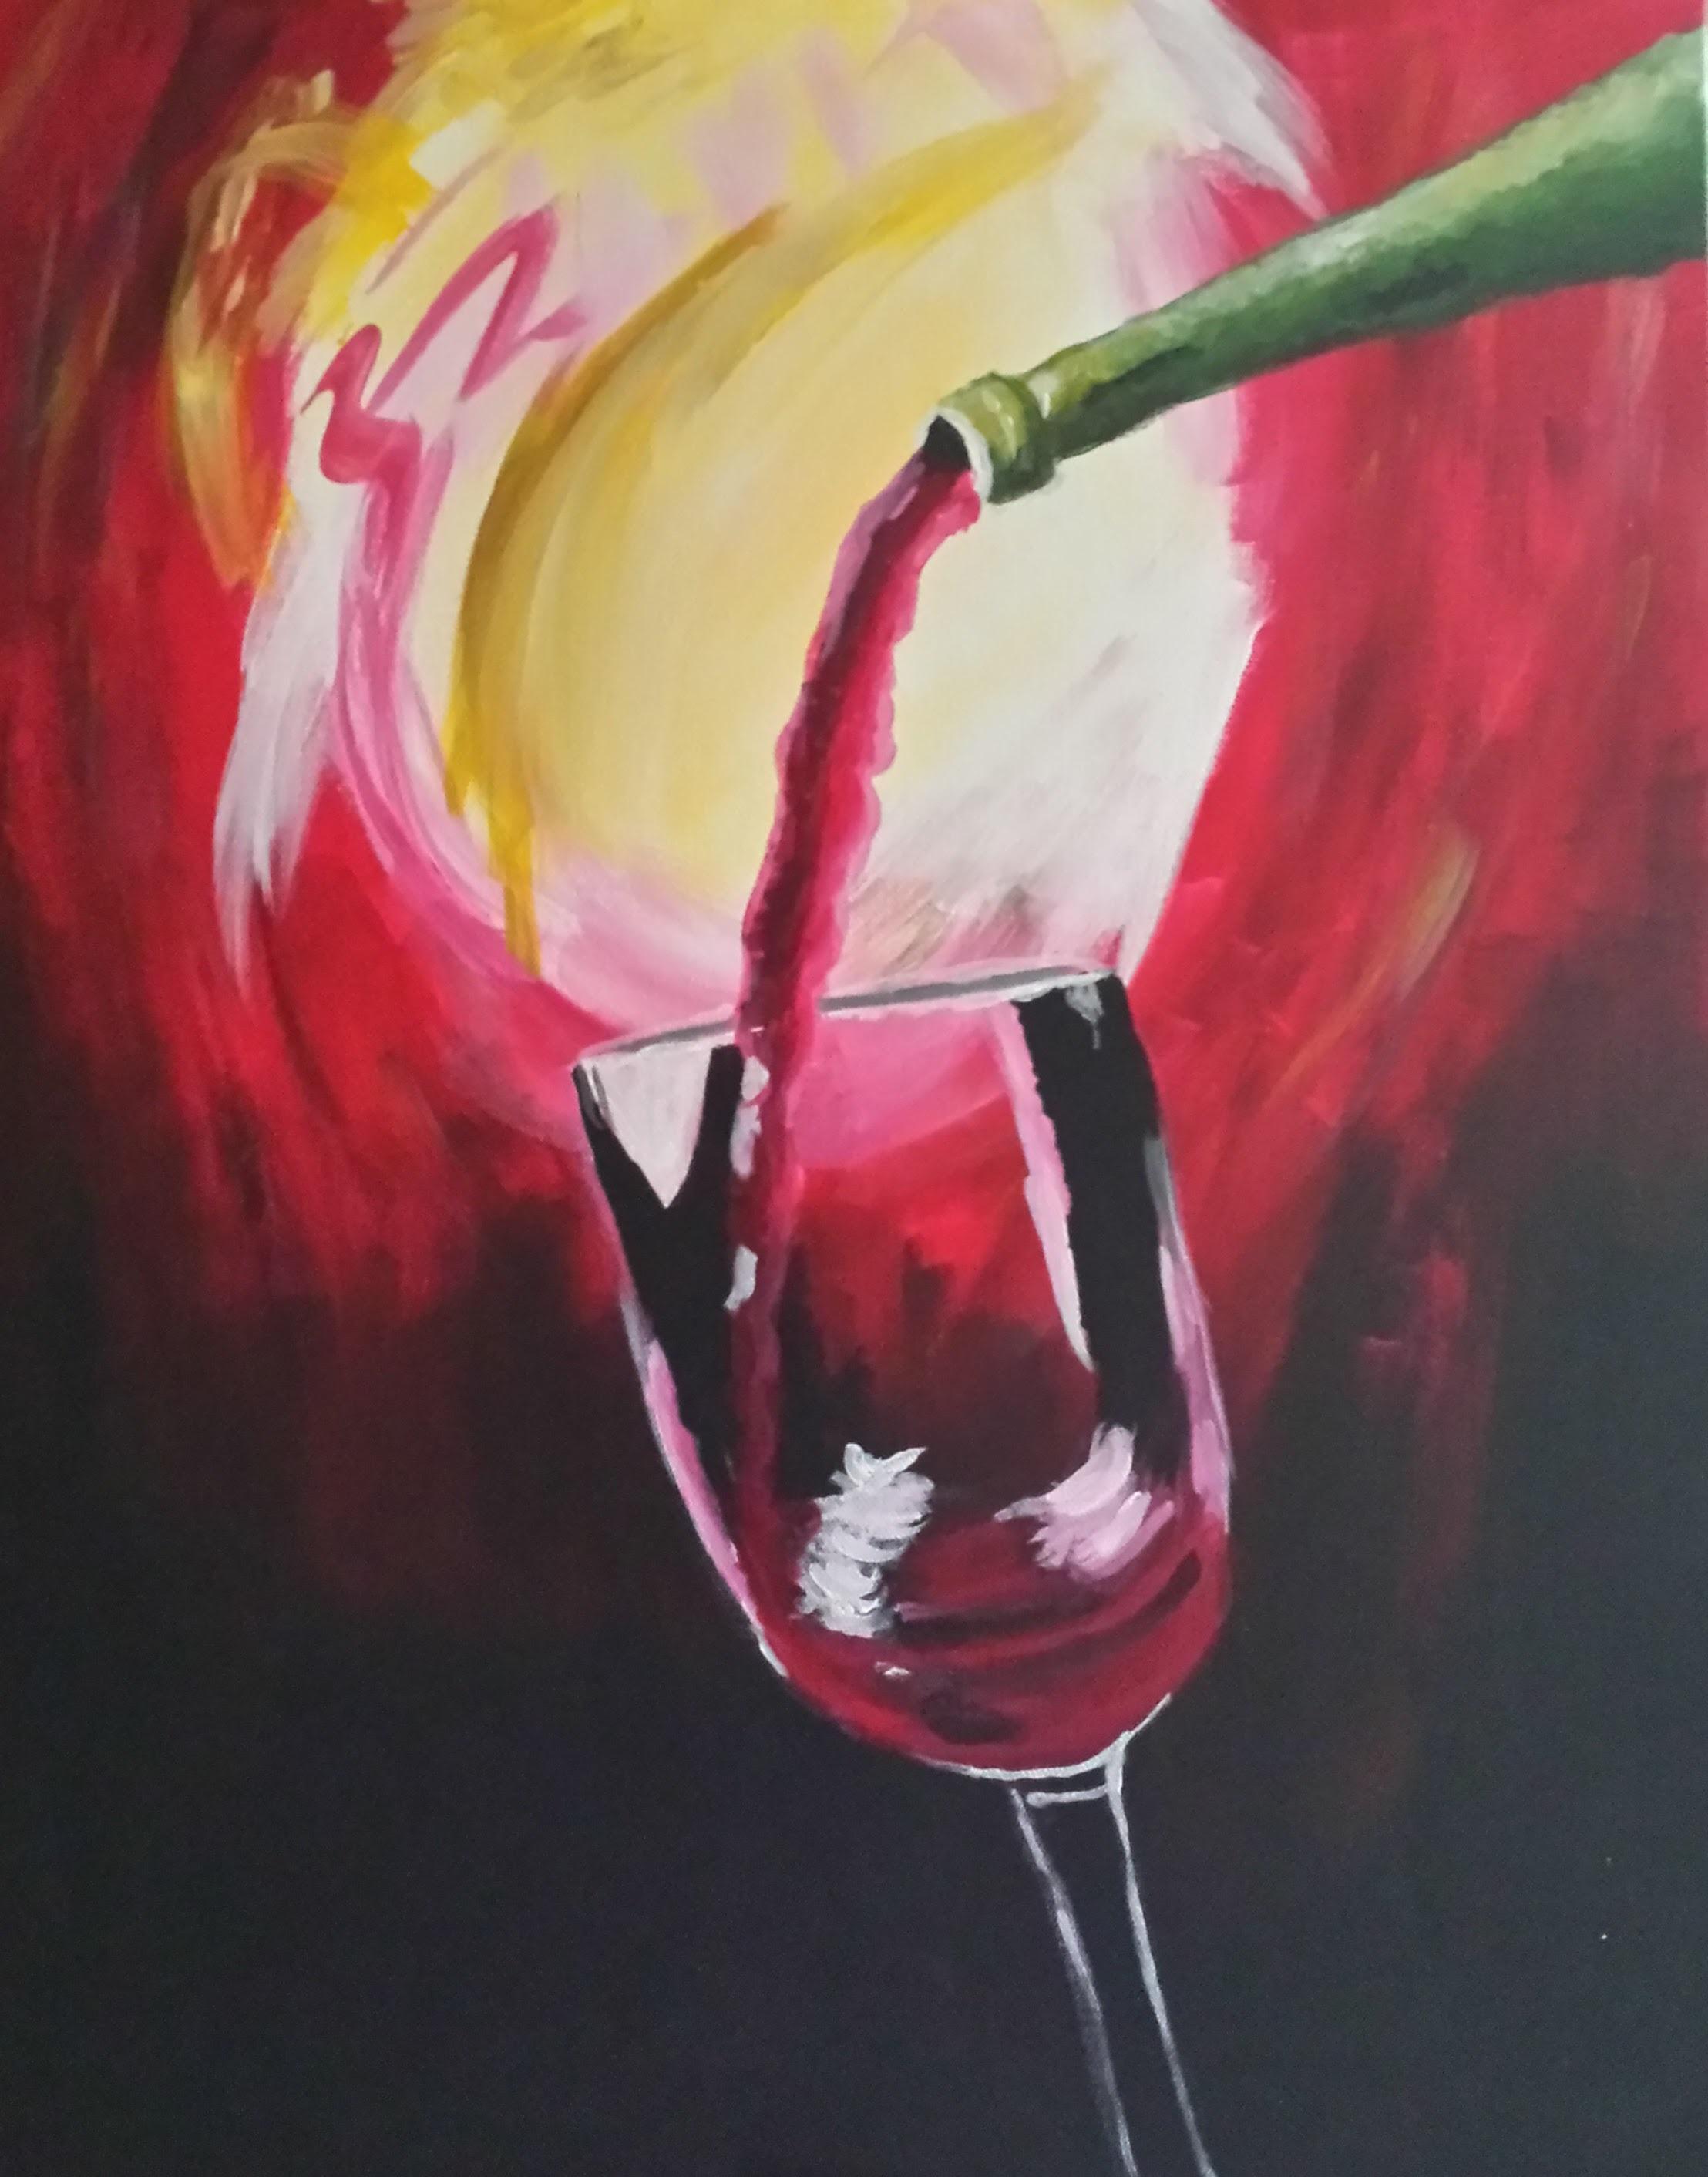 0f9bb645a3263e345e59_wine.jpg